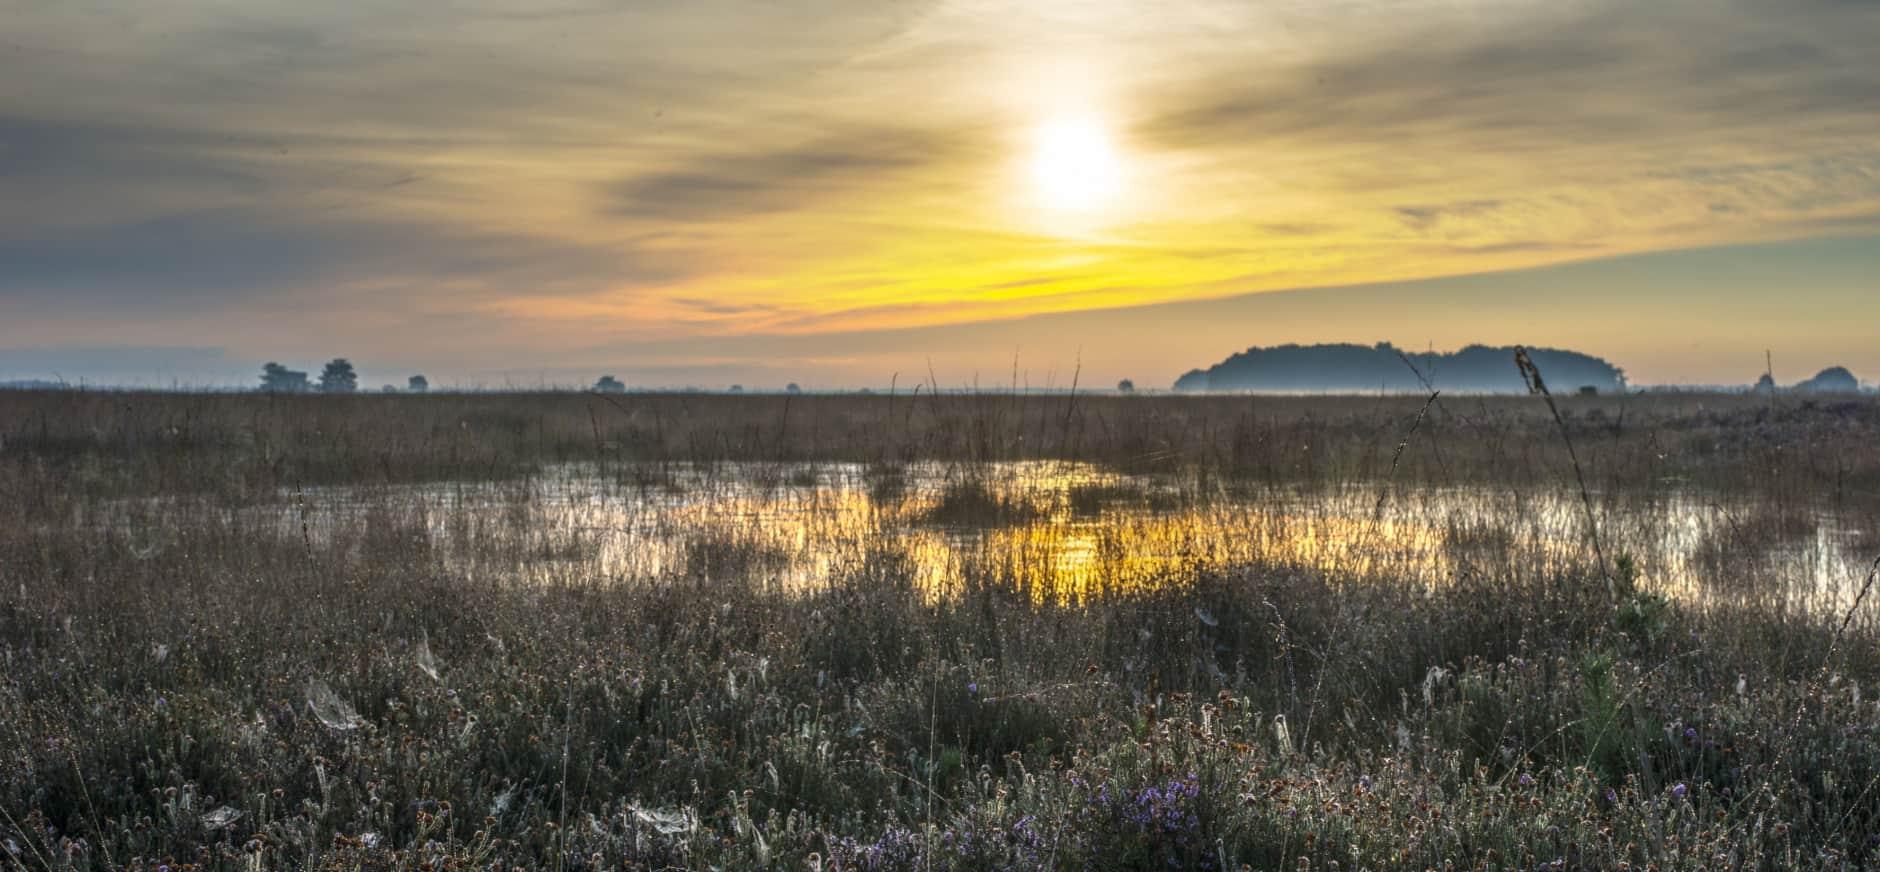 Associatieverdrag Oekraïne: wat is het effect op natuur?